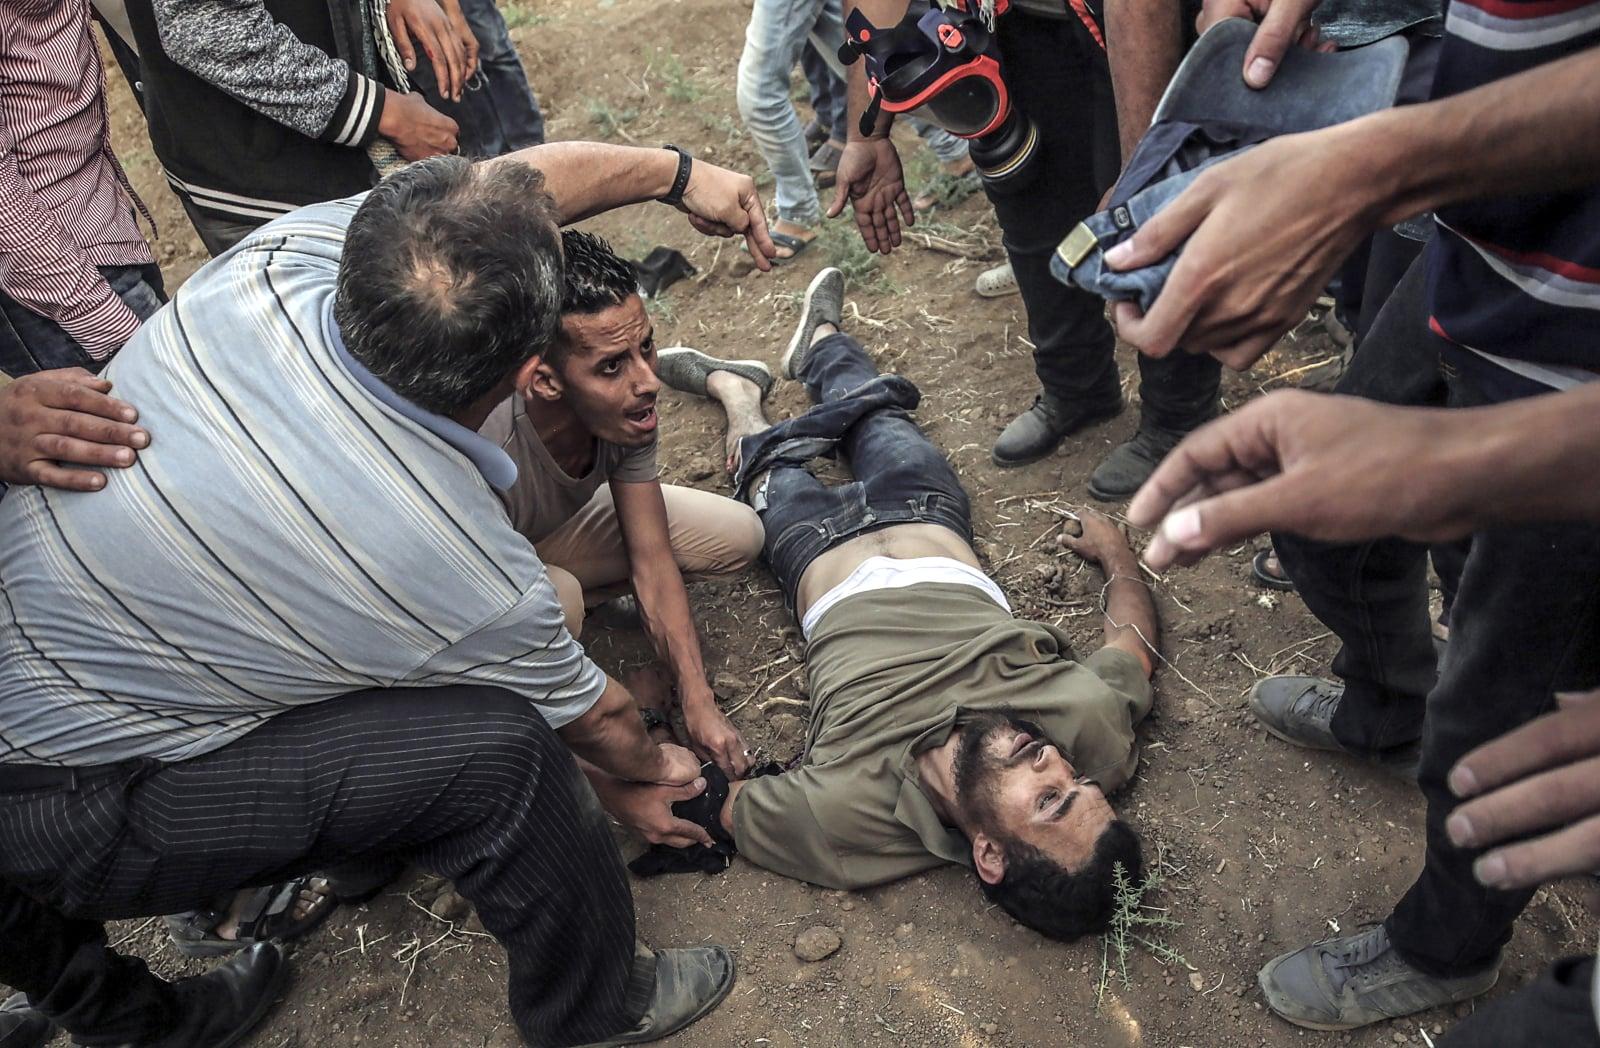 Konflikt palestyńsko-izraelski fot. EPA/MOHAMMED SABER